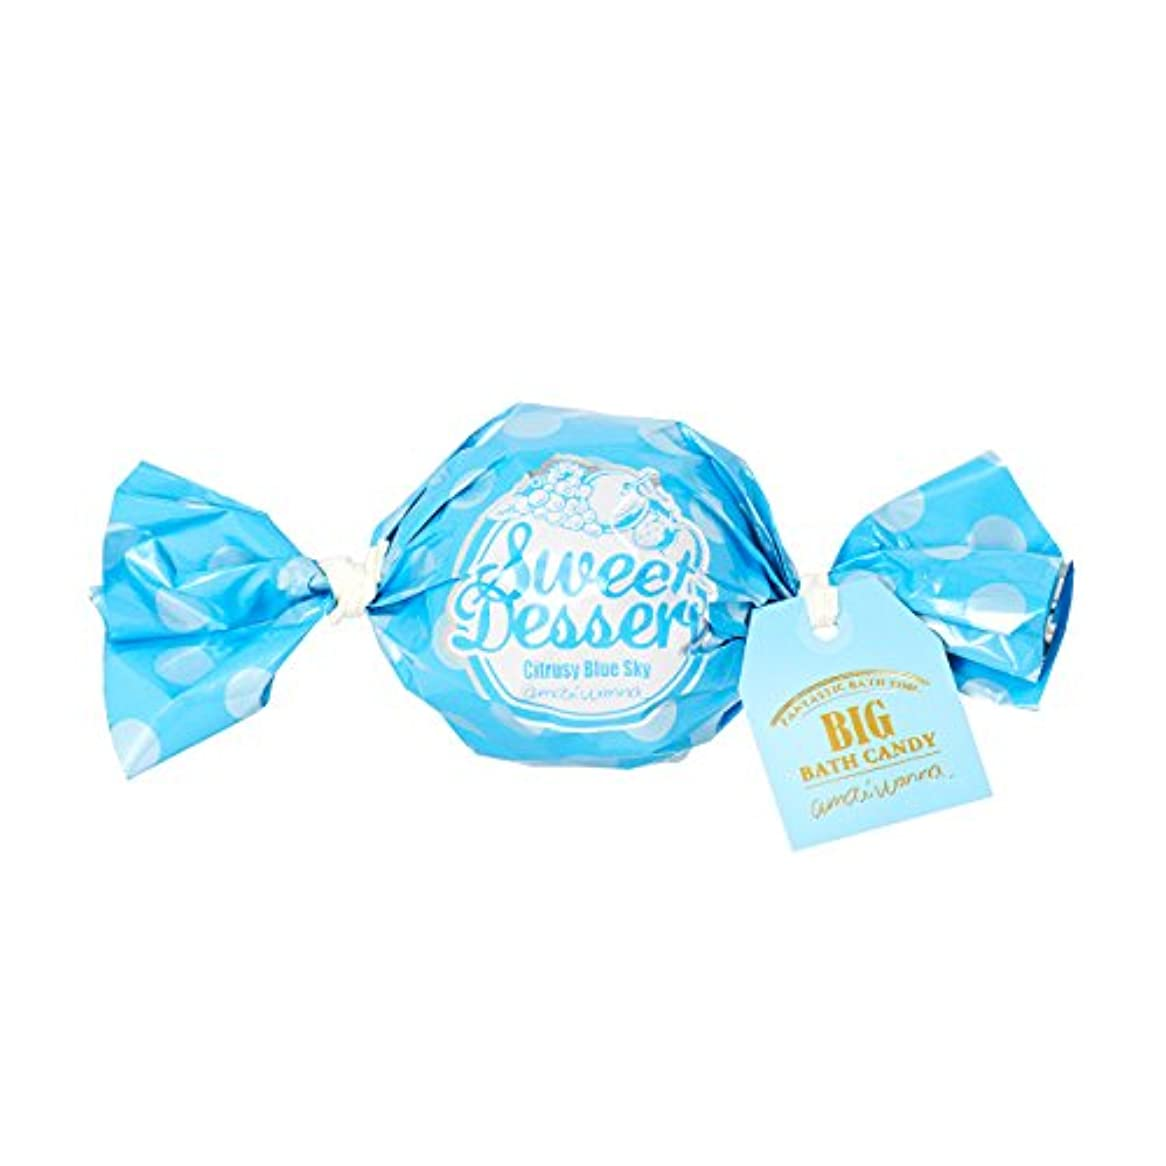 眠っている確率バッテリーアマイワナ ビッグバスキャンディー 青空シトラス 100g(発泡タイプ入浴料 おおらかで凛としたシトラスの香り)